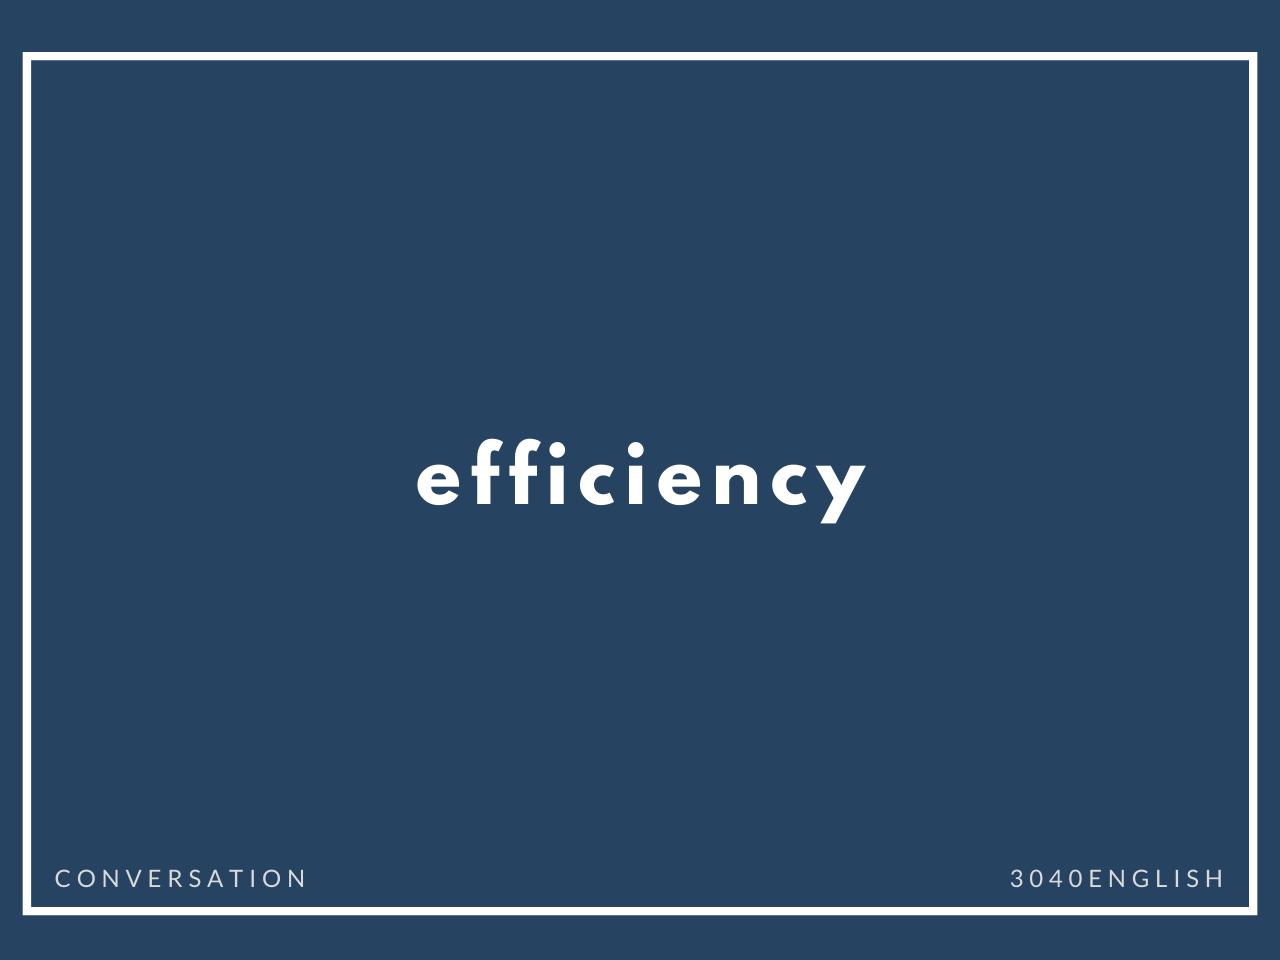 「効率を上げる」の英語表現【英会話用例文あり】